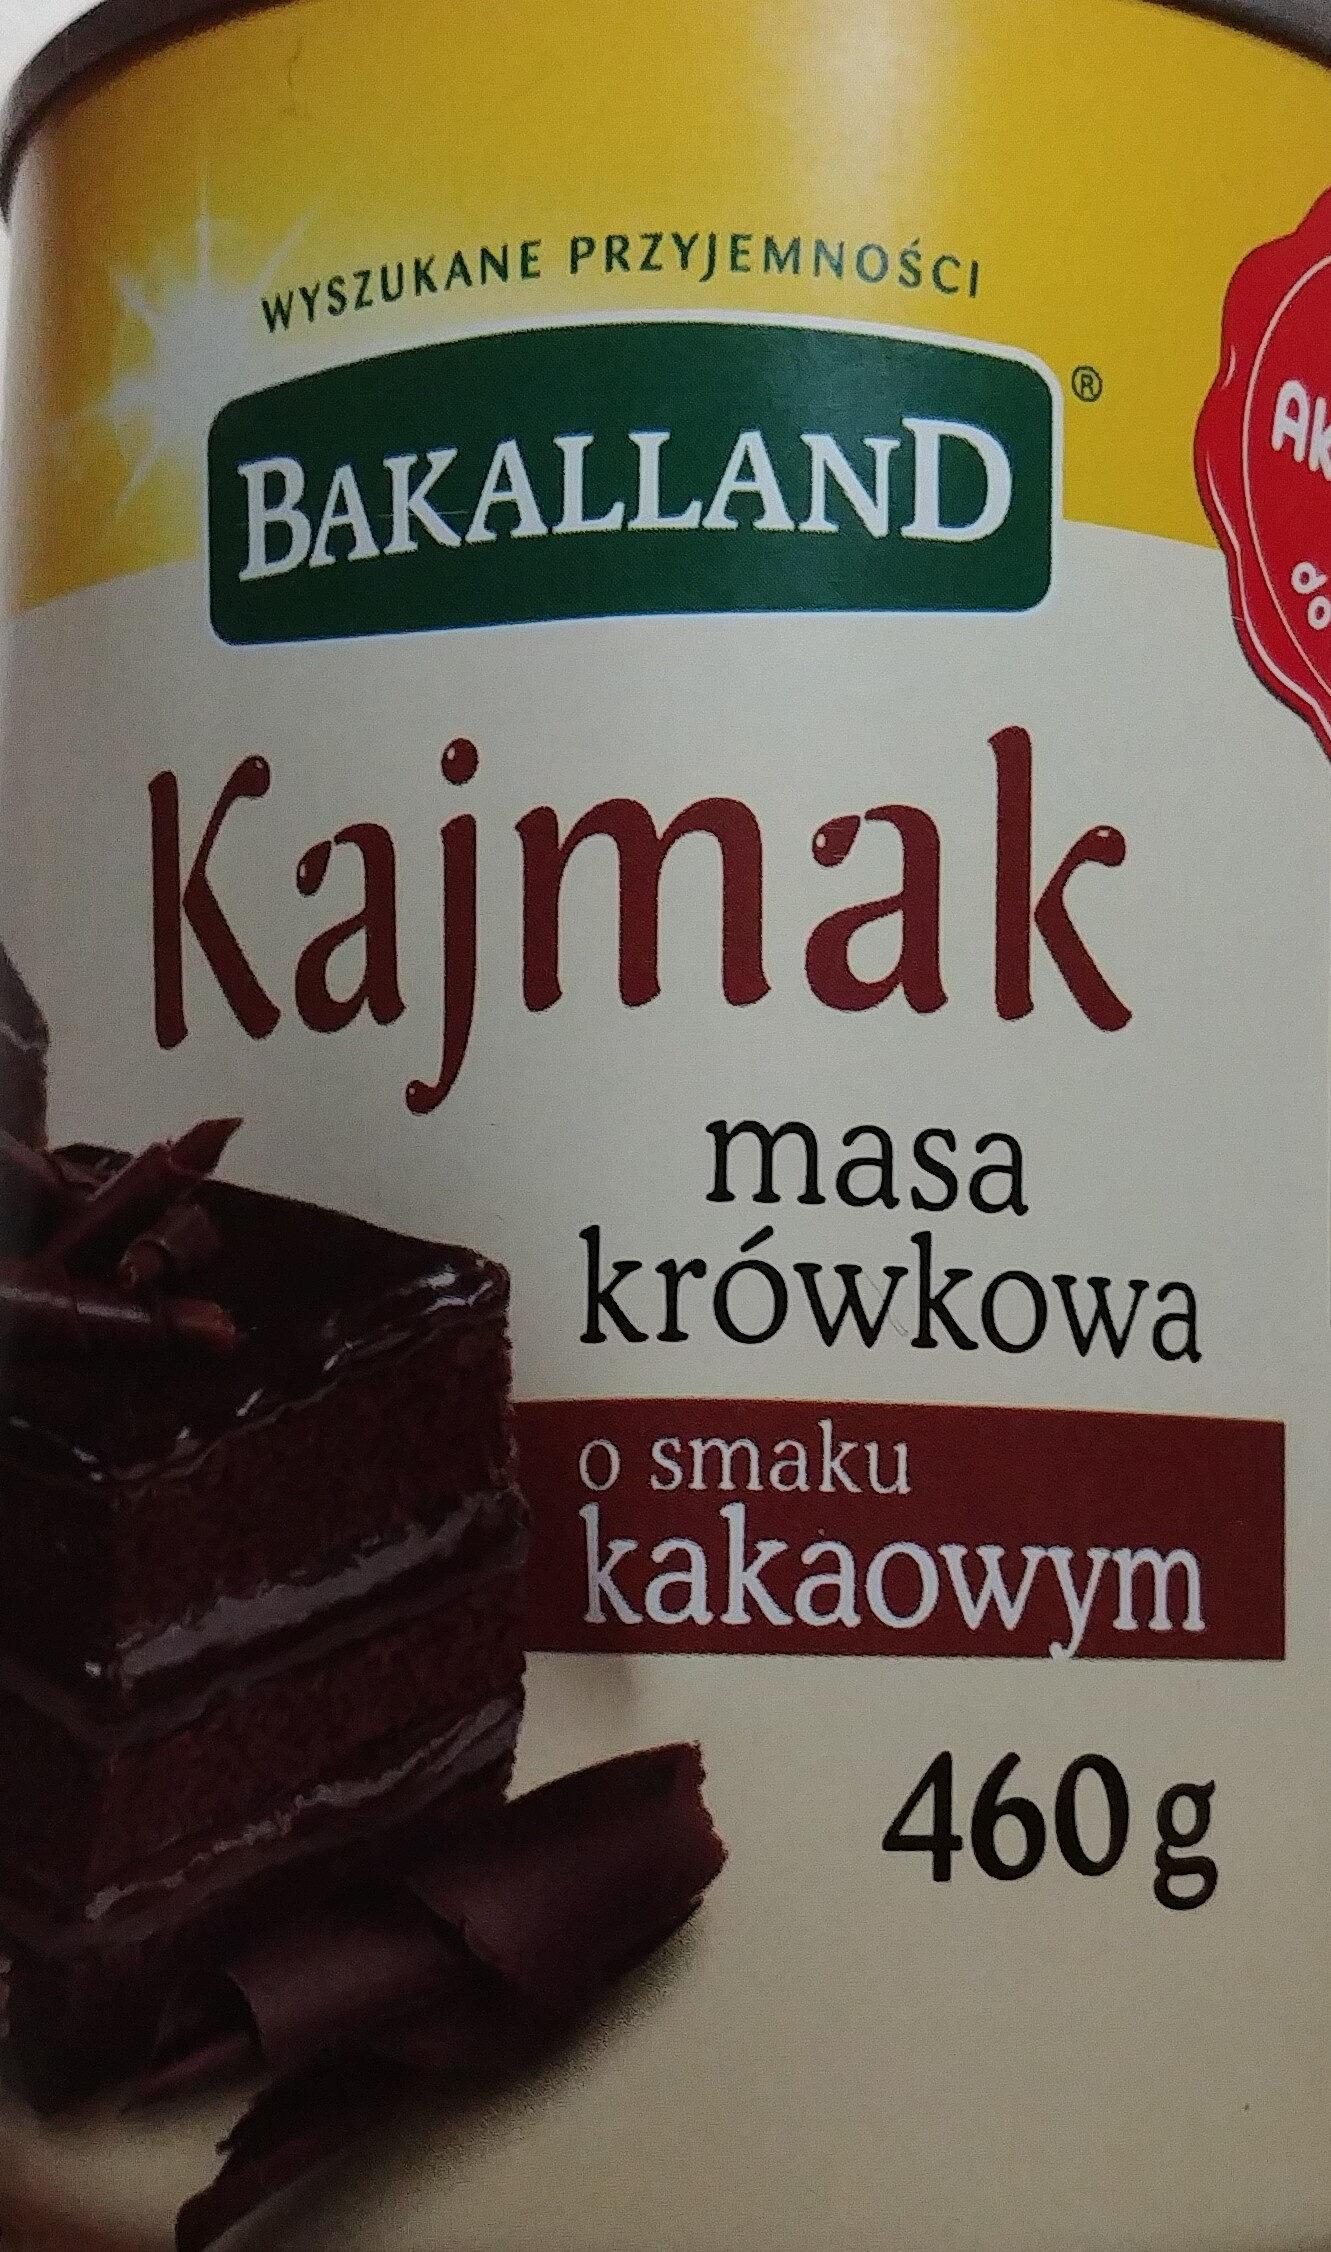 Kajmak masa krówkowa o smaku kakaowym - Product - pl